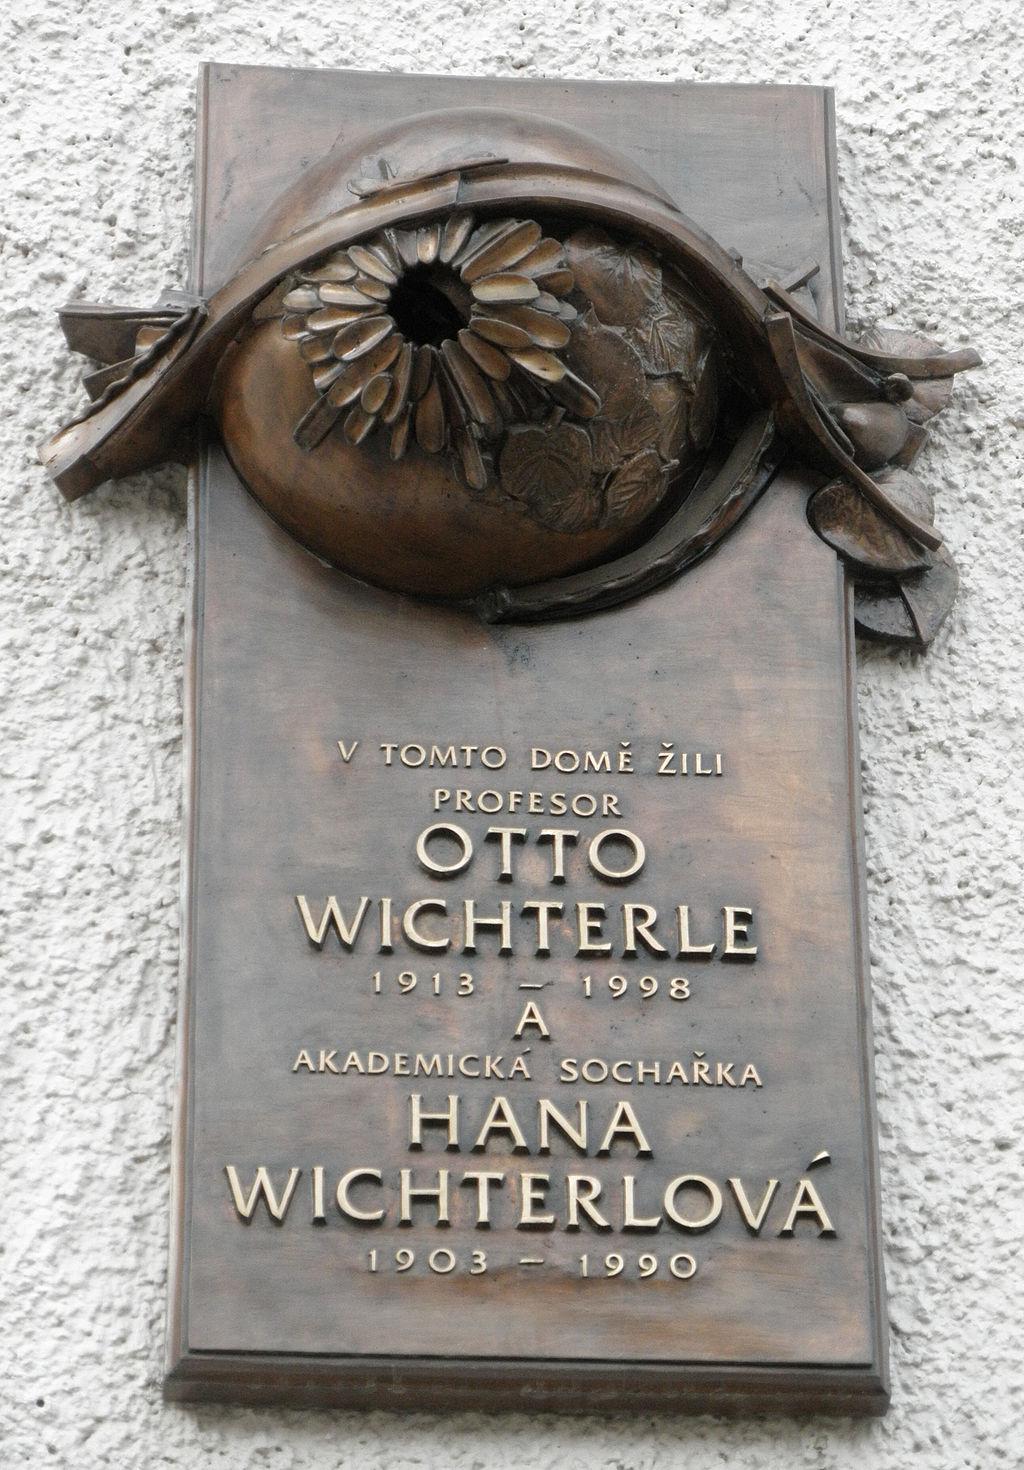 Pamětní deska Otto Wichterle